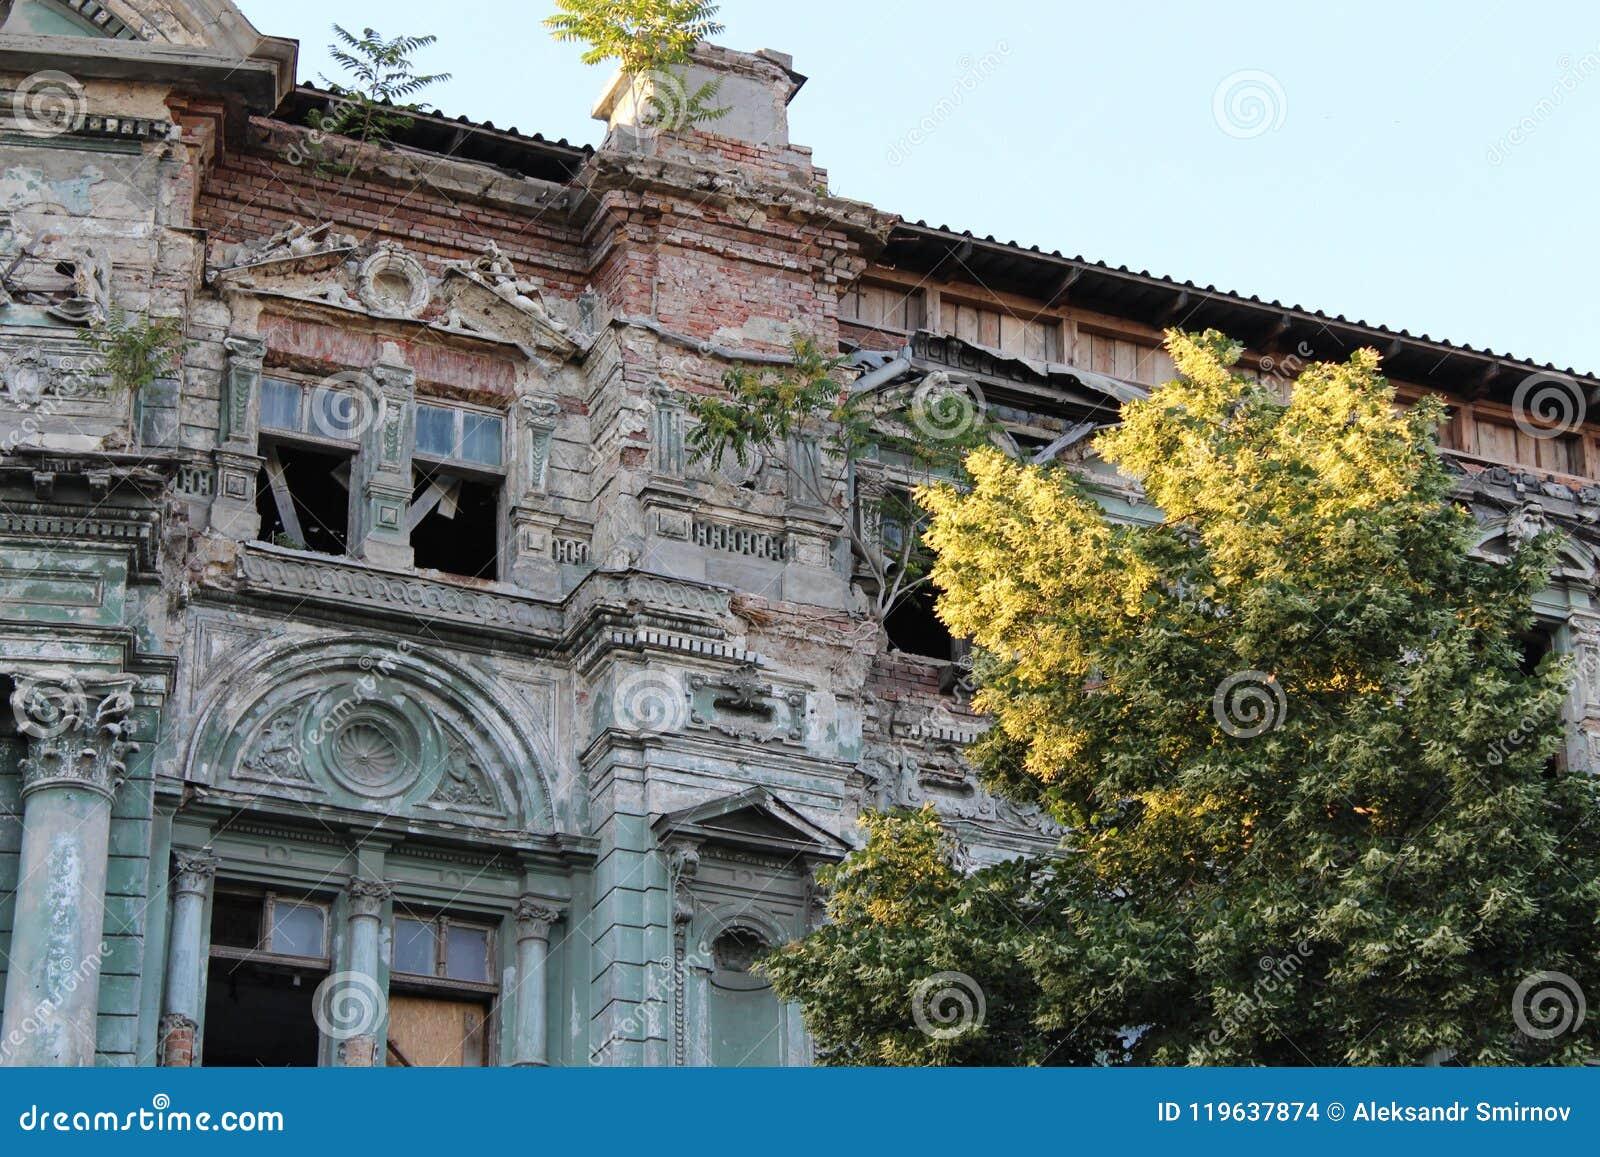 Edificio en la ciudad de Odessa con arquitectura hermosa